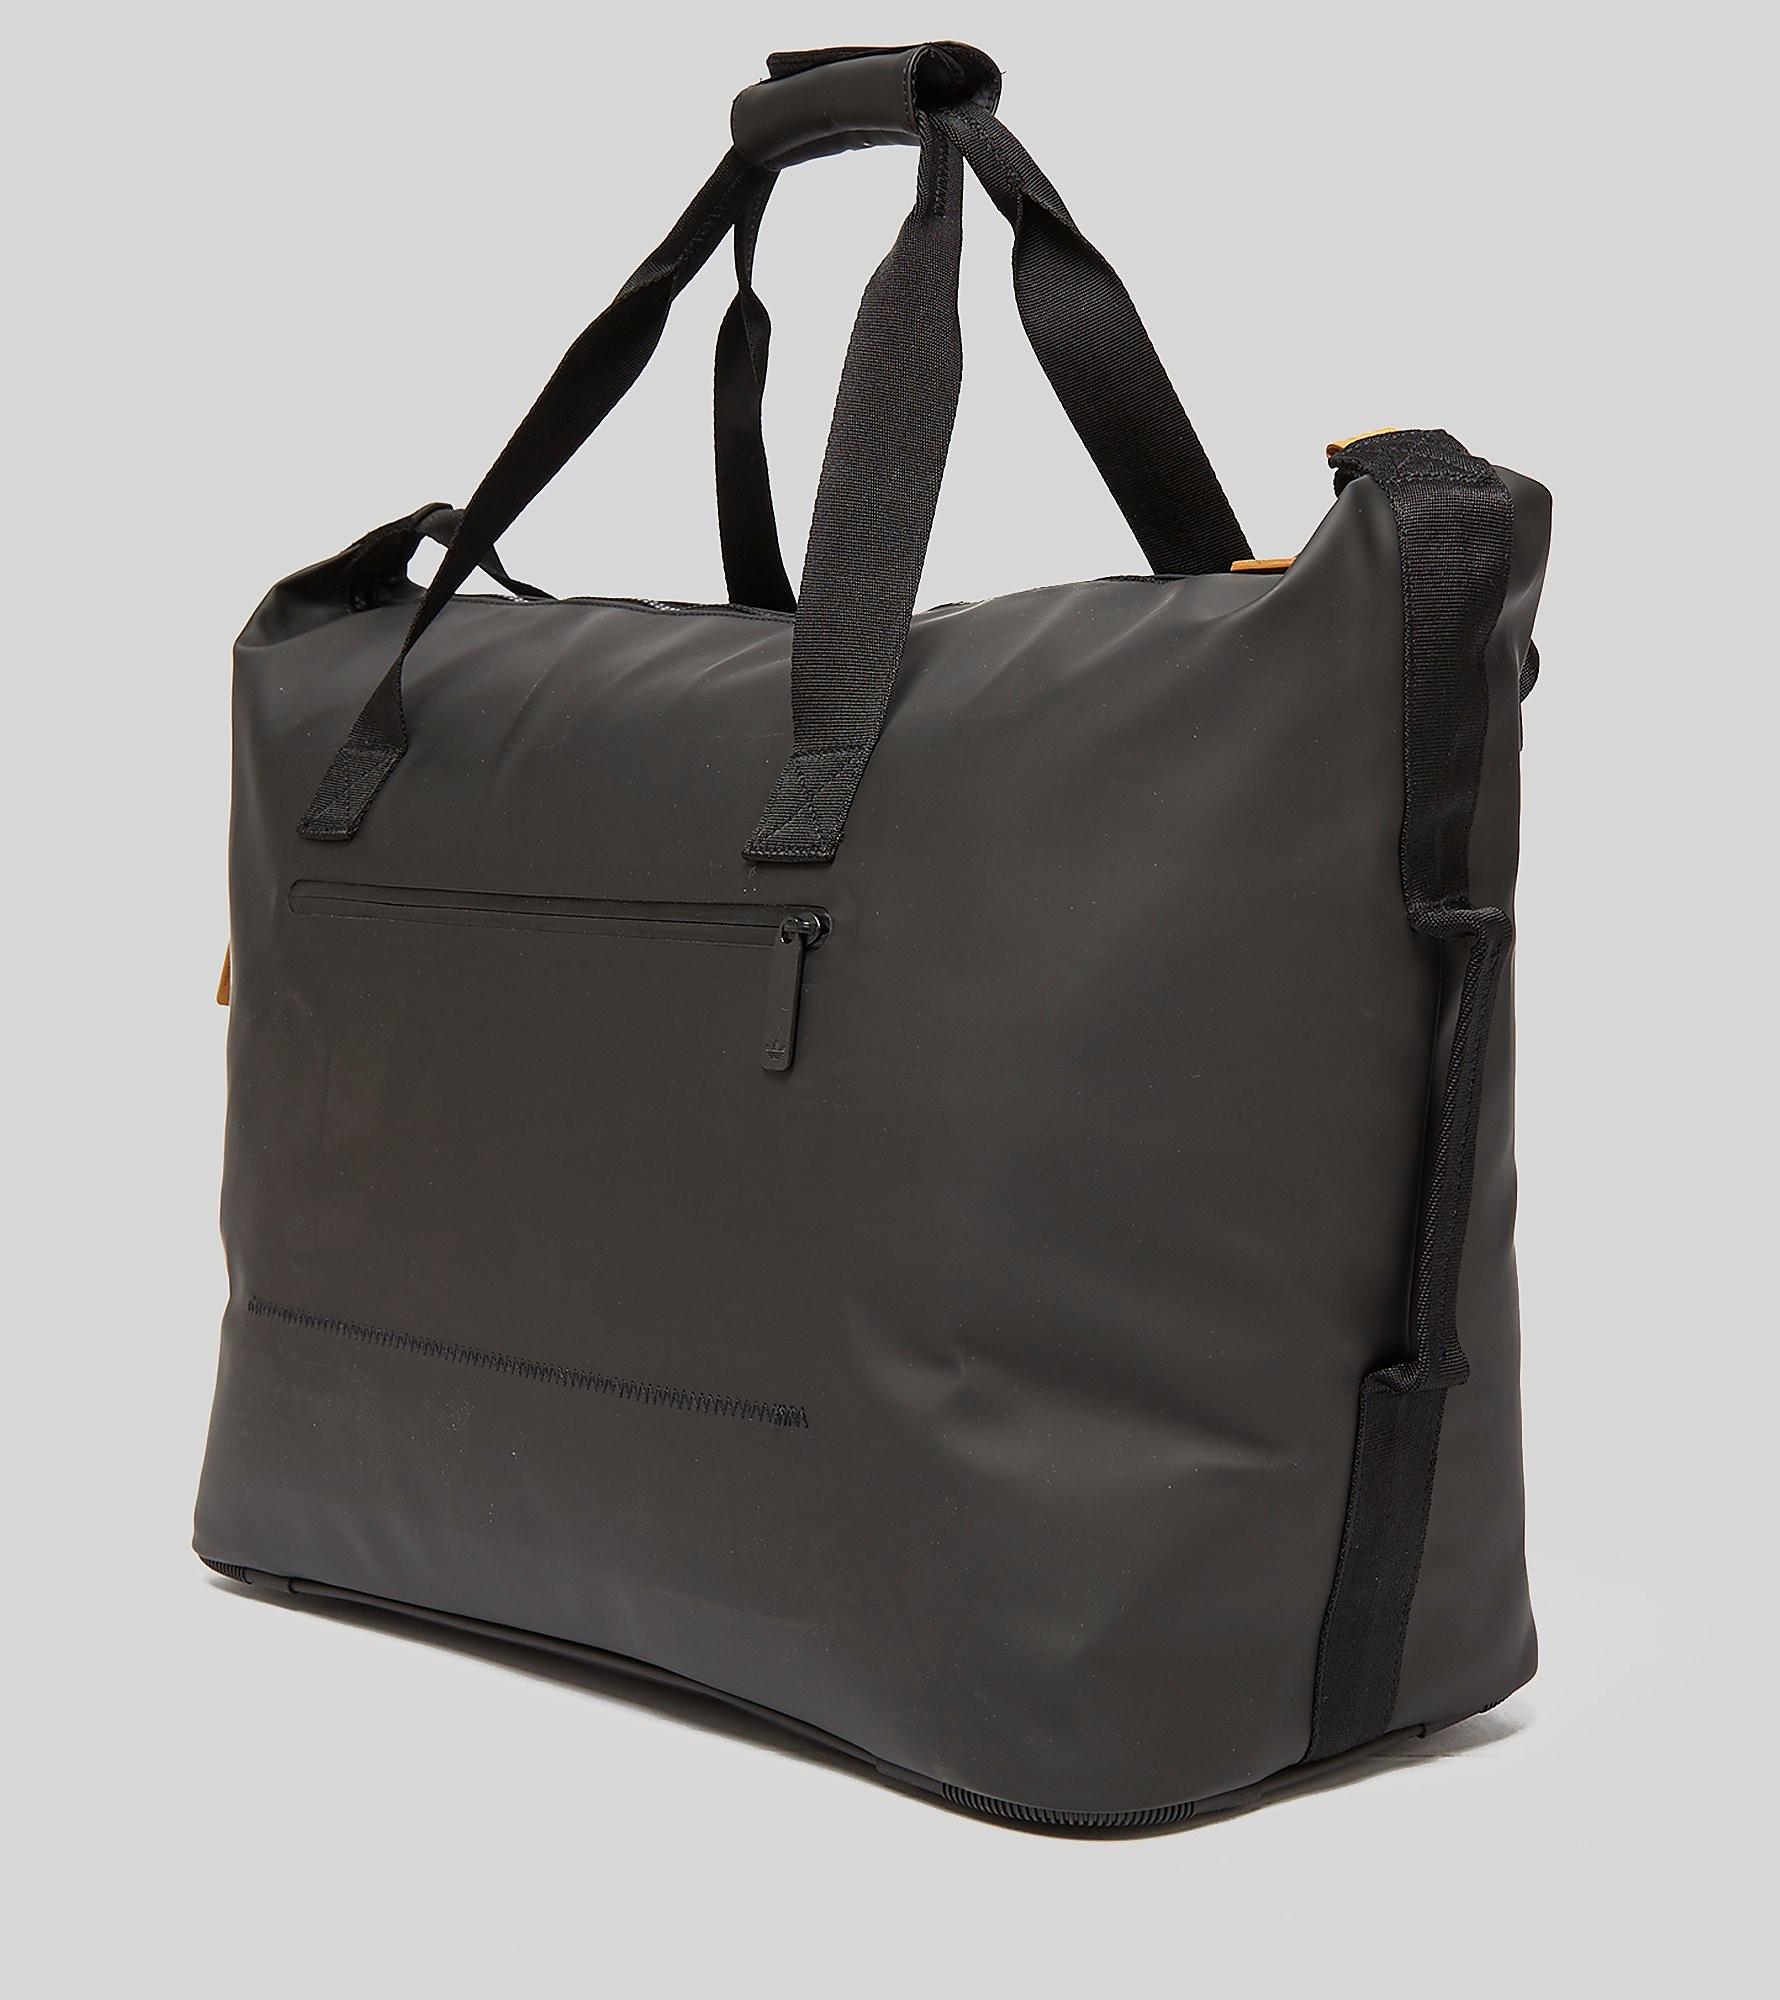 adidas Originals NMD Duffle Bag